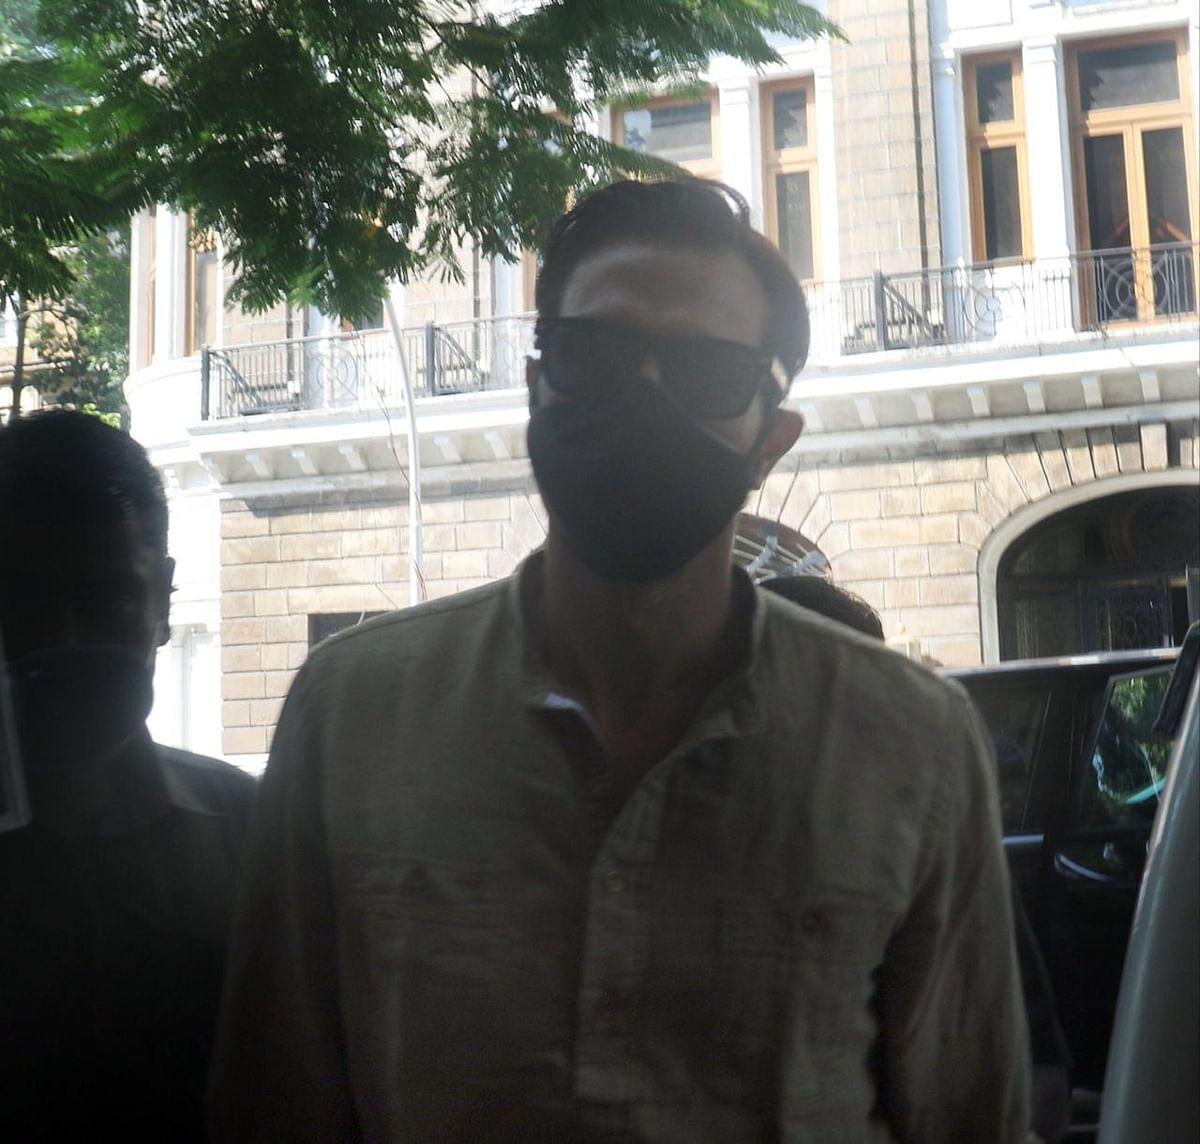 Arjun Rampal at the NCB office in Mumbai.